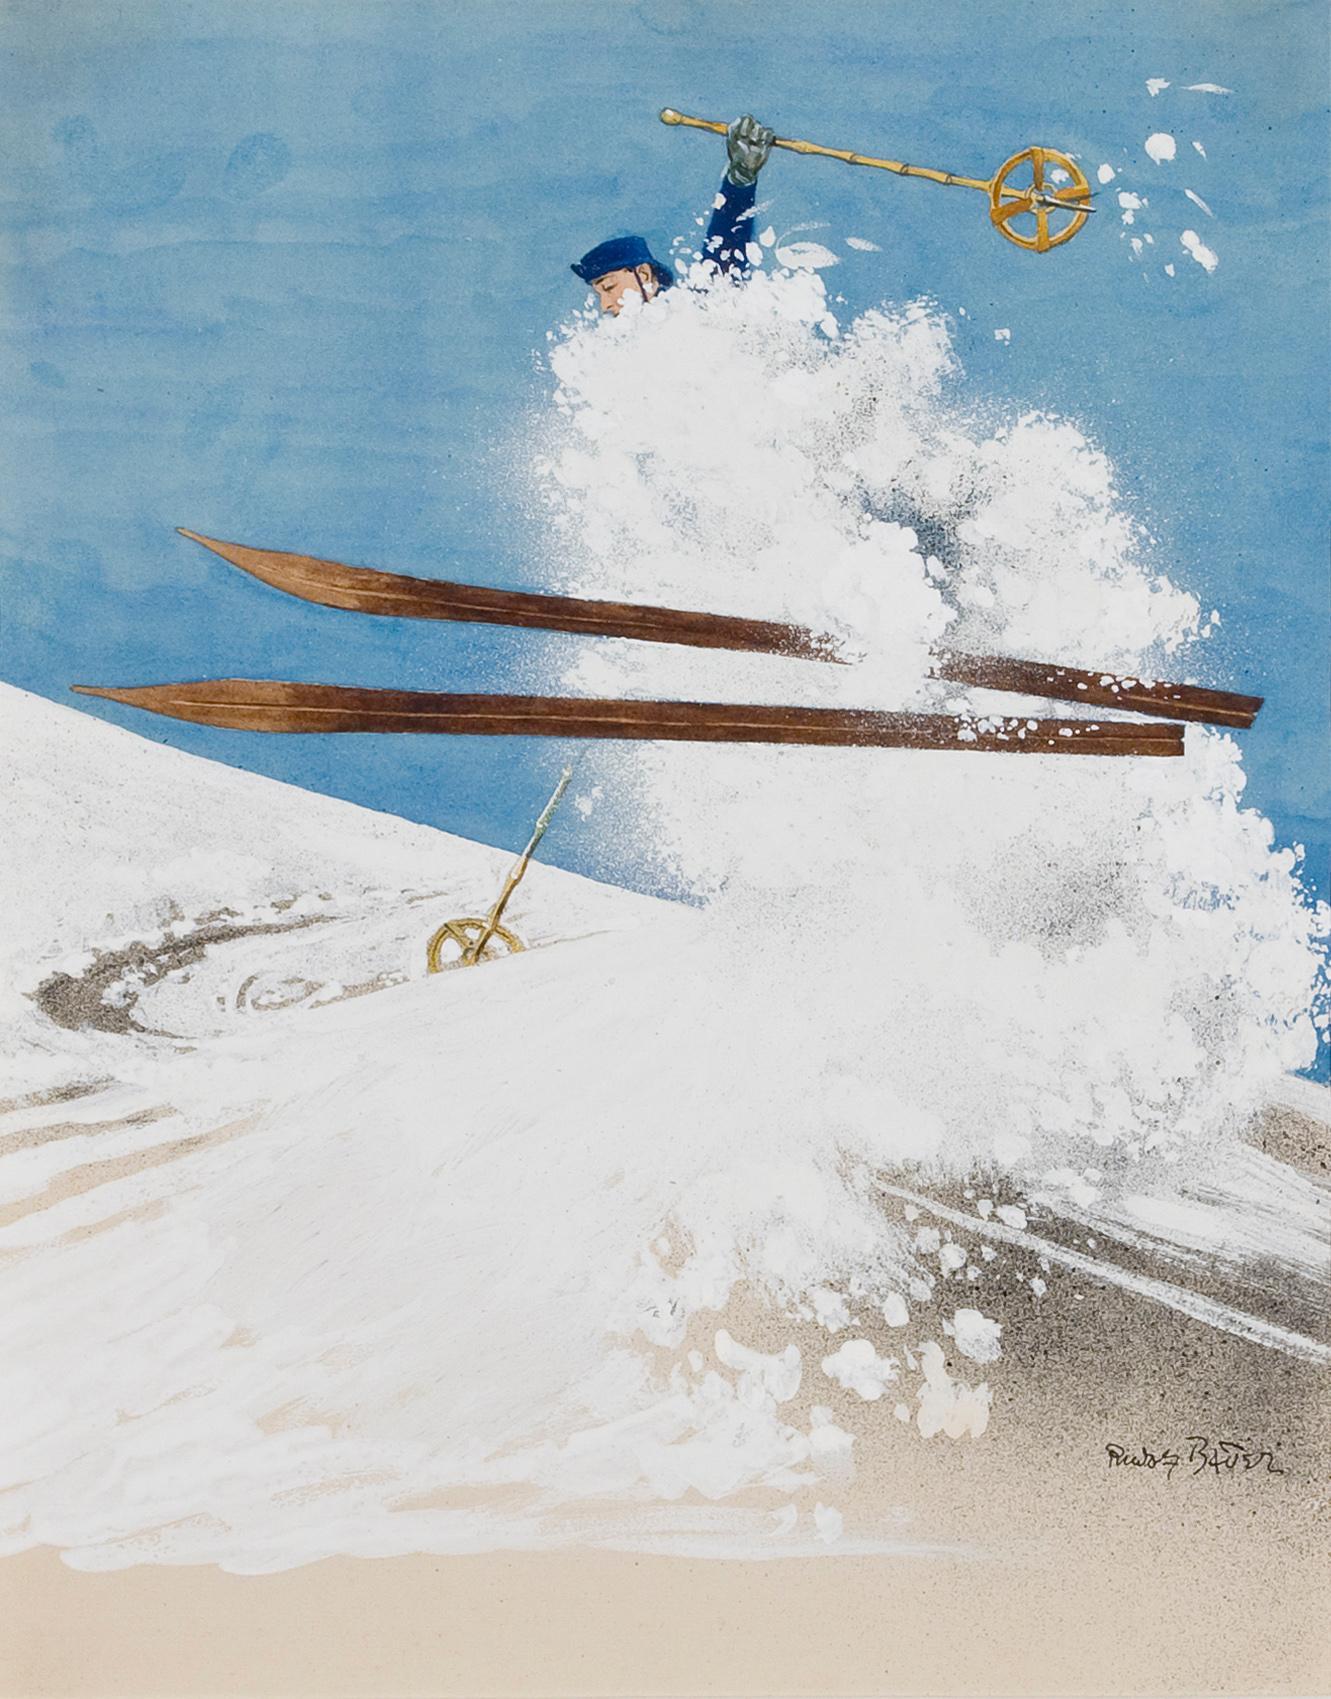 Untitled (Skier) - Rudolf Bauer, skiing, snow, modern, illustration, design